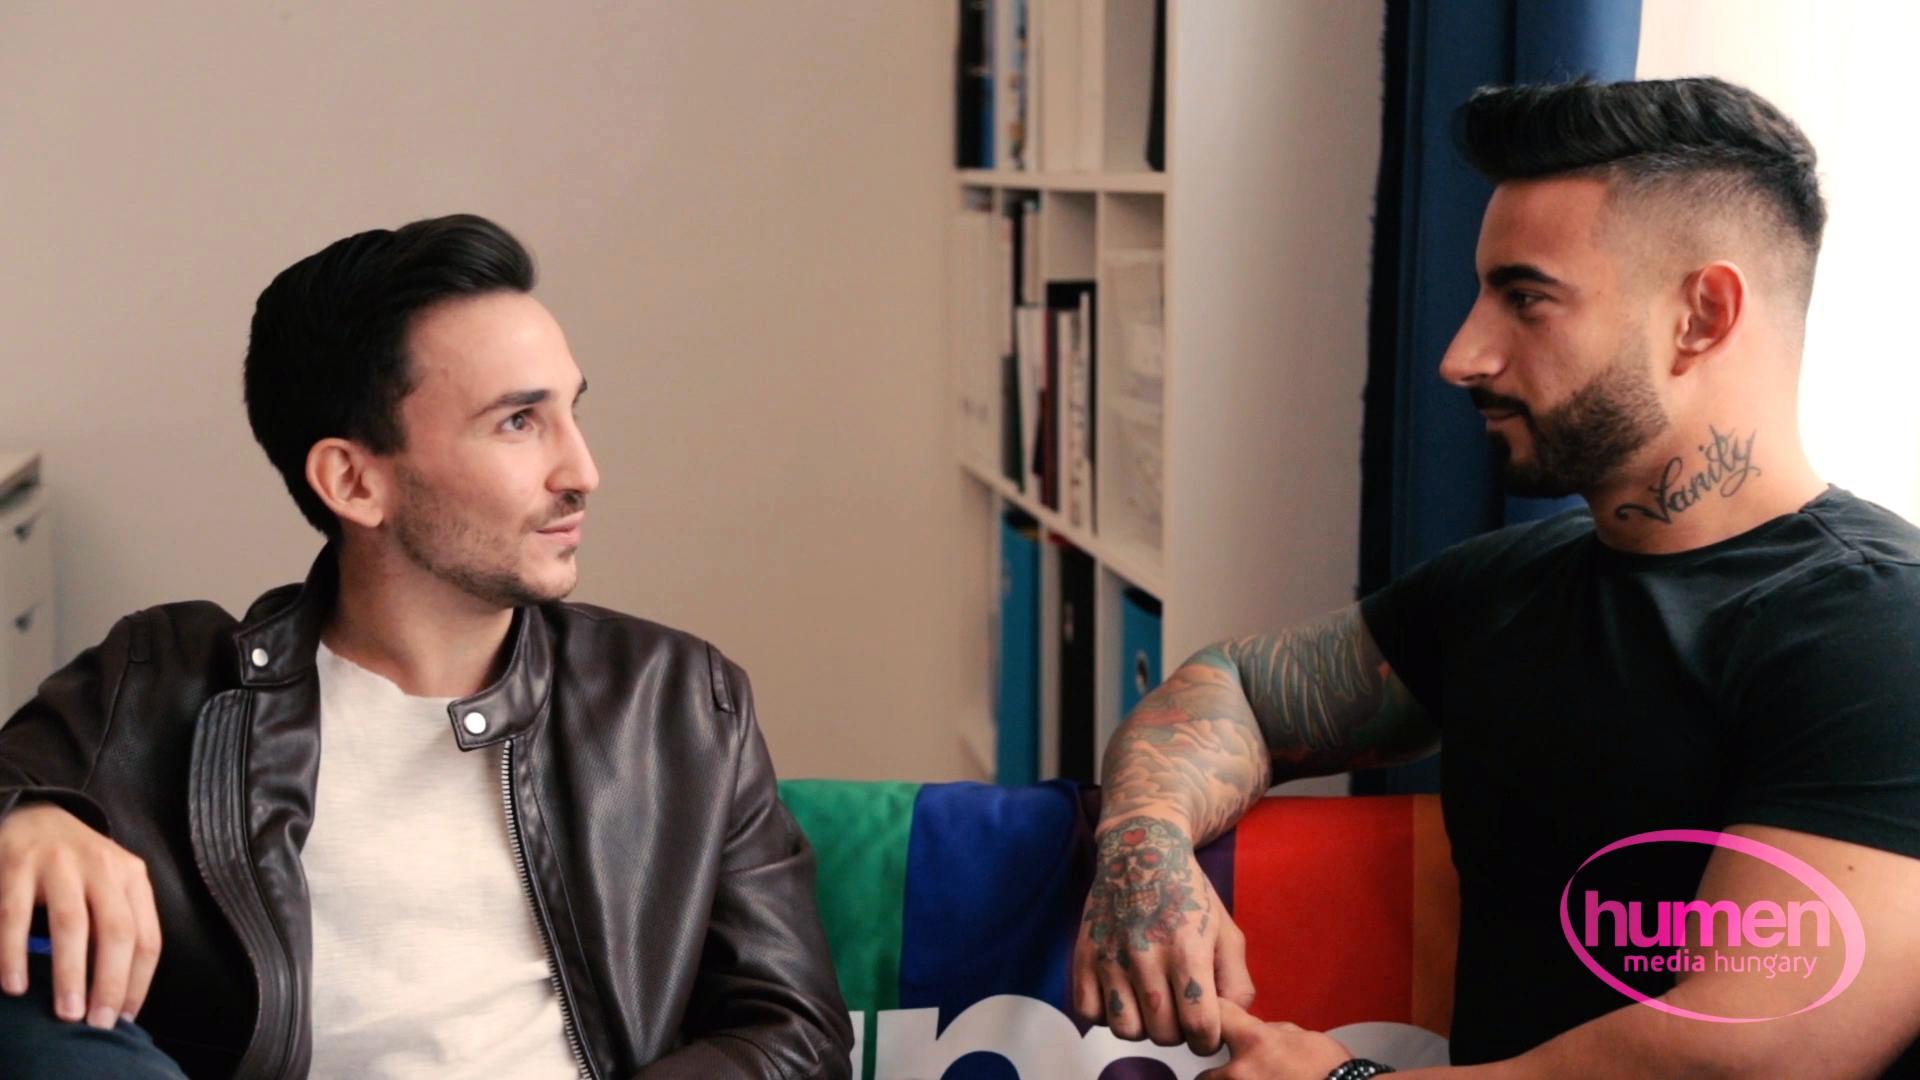 leszbikus homoszexuális videó hd leszbi pornó